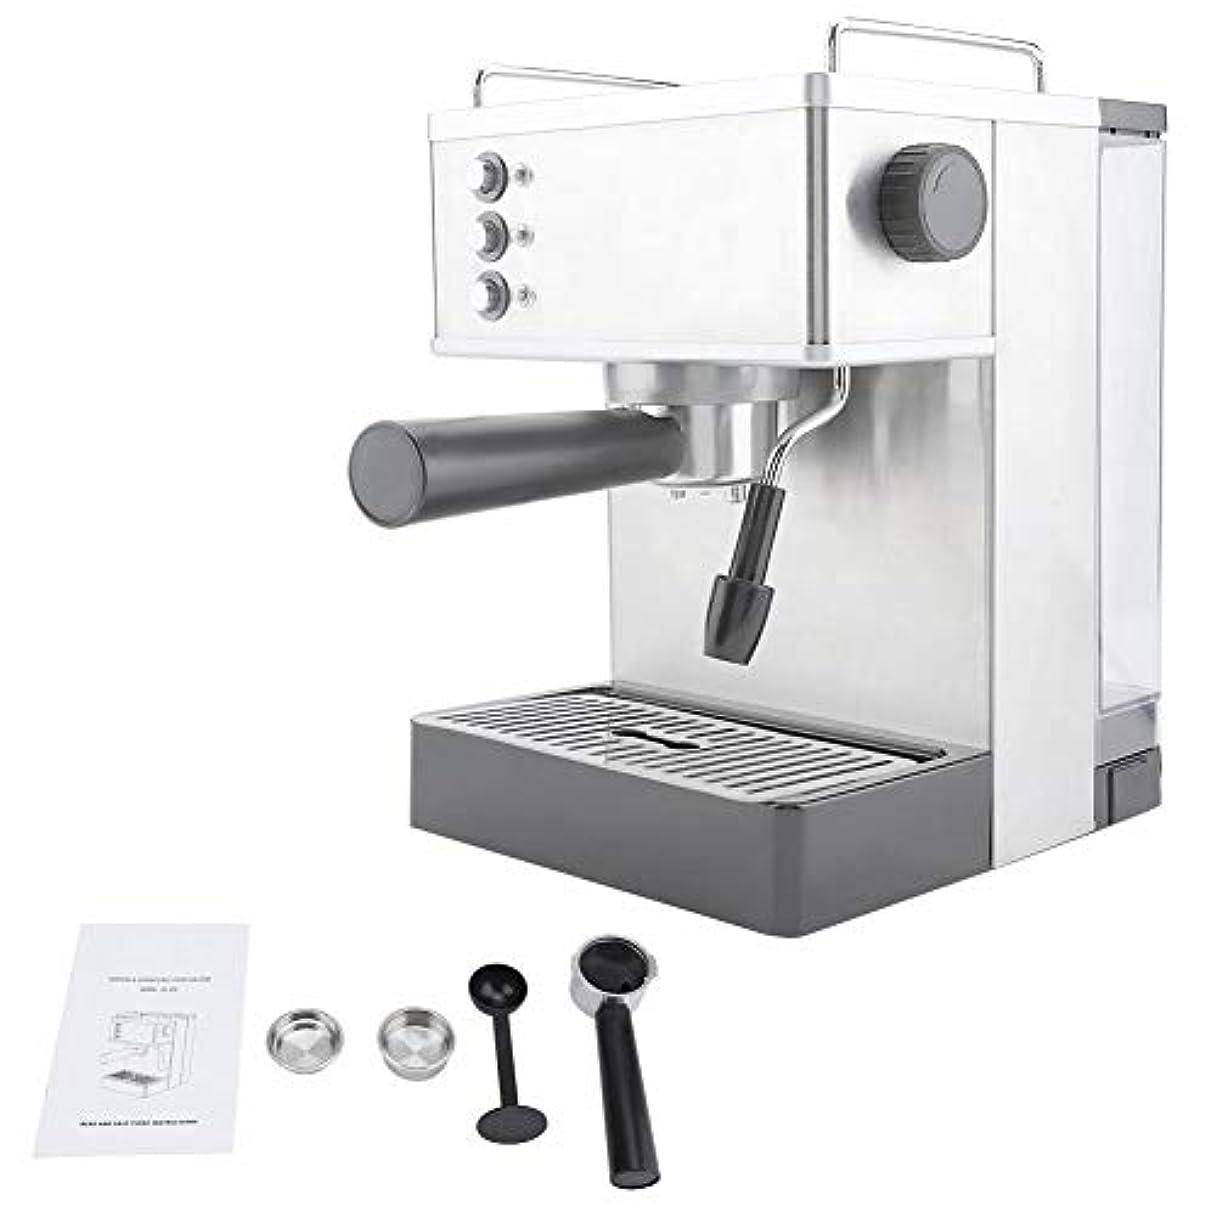 マントルより自殺コーヒーマシン、ステンレススチールエスプレッソコーヒーマシンコーヒーメーカー高圧イタリアポンプ(US Plug)